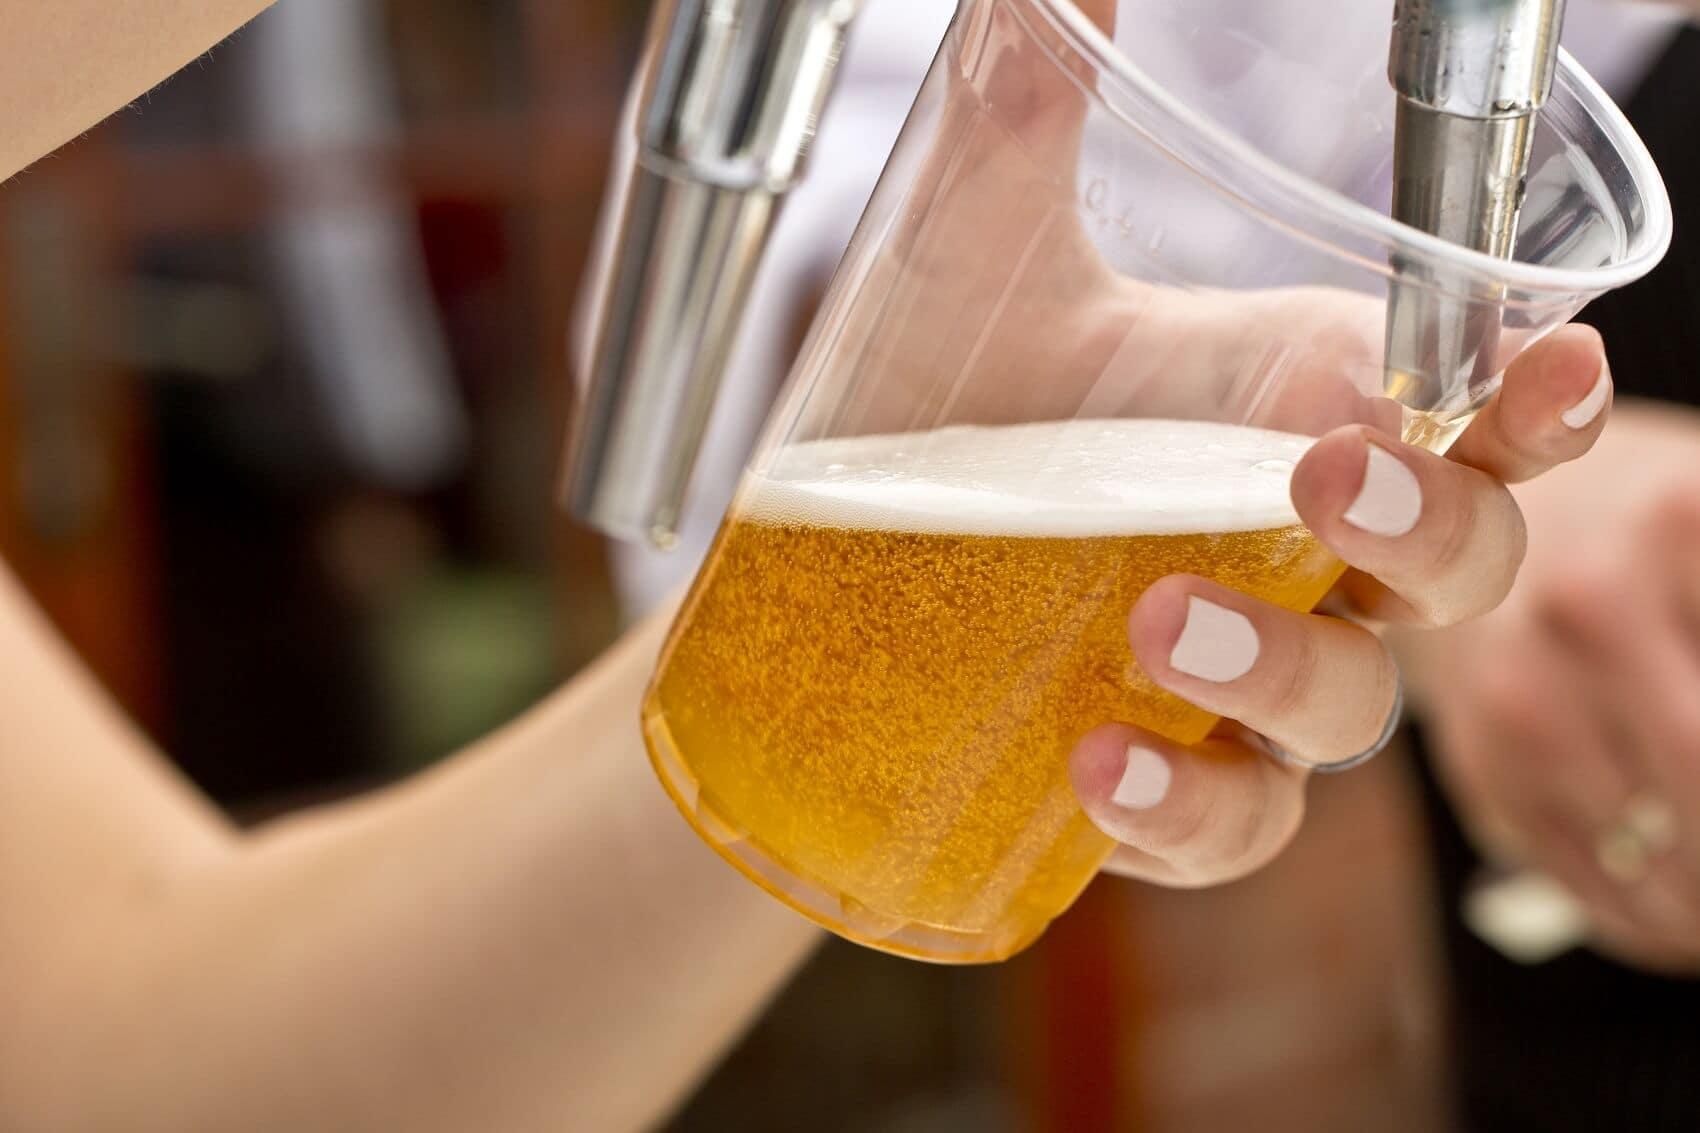 Filling Up Beer